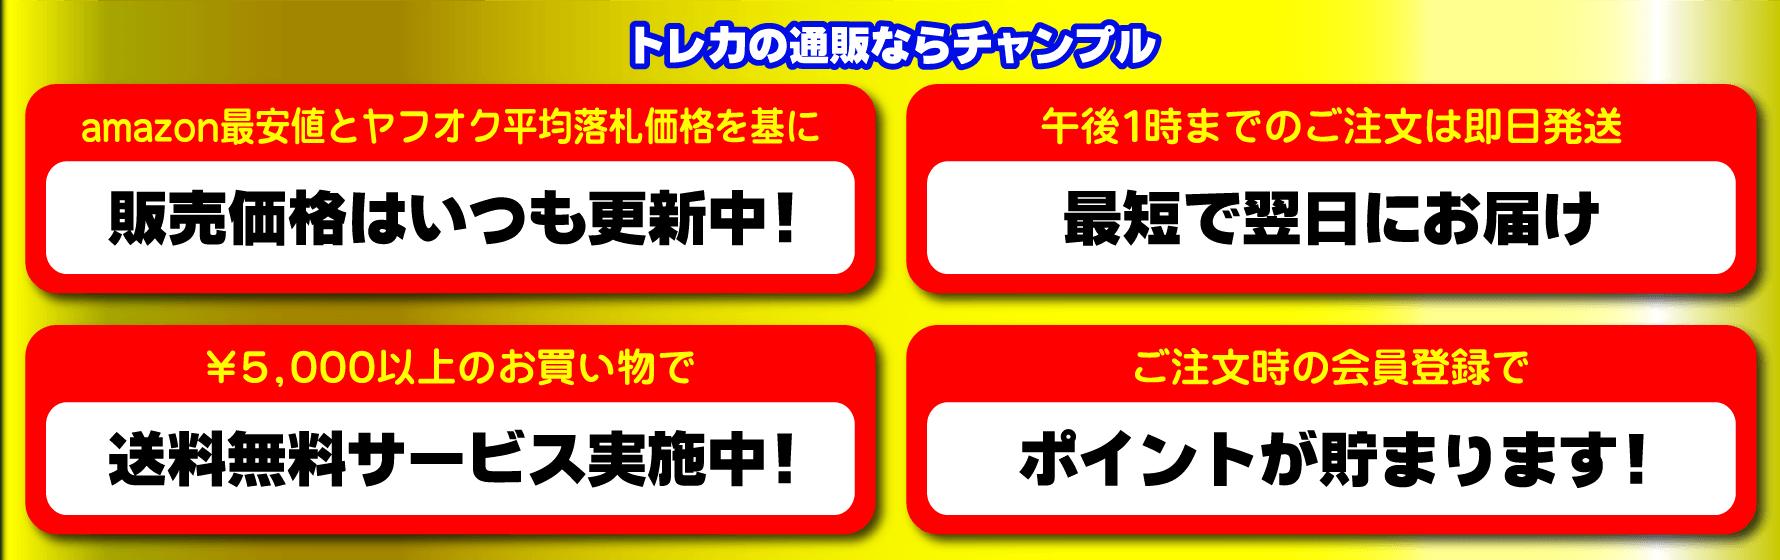 仮面ライダーガンバライジング最新弾ライダータイム2弾から人気のカードをセール価格で。